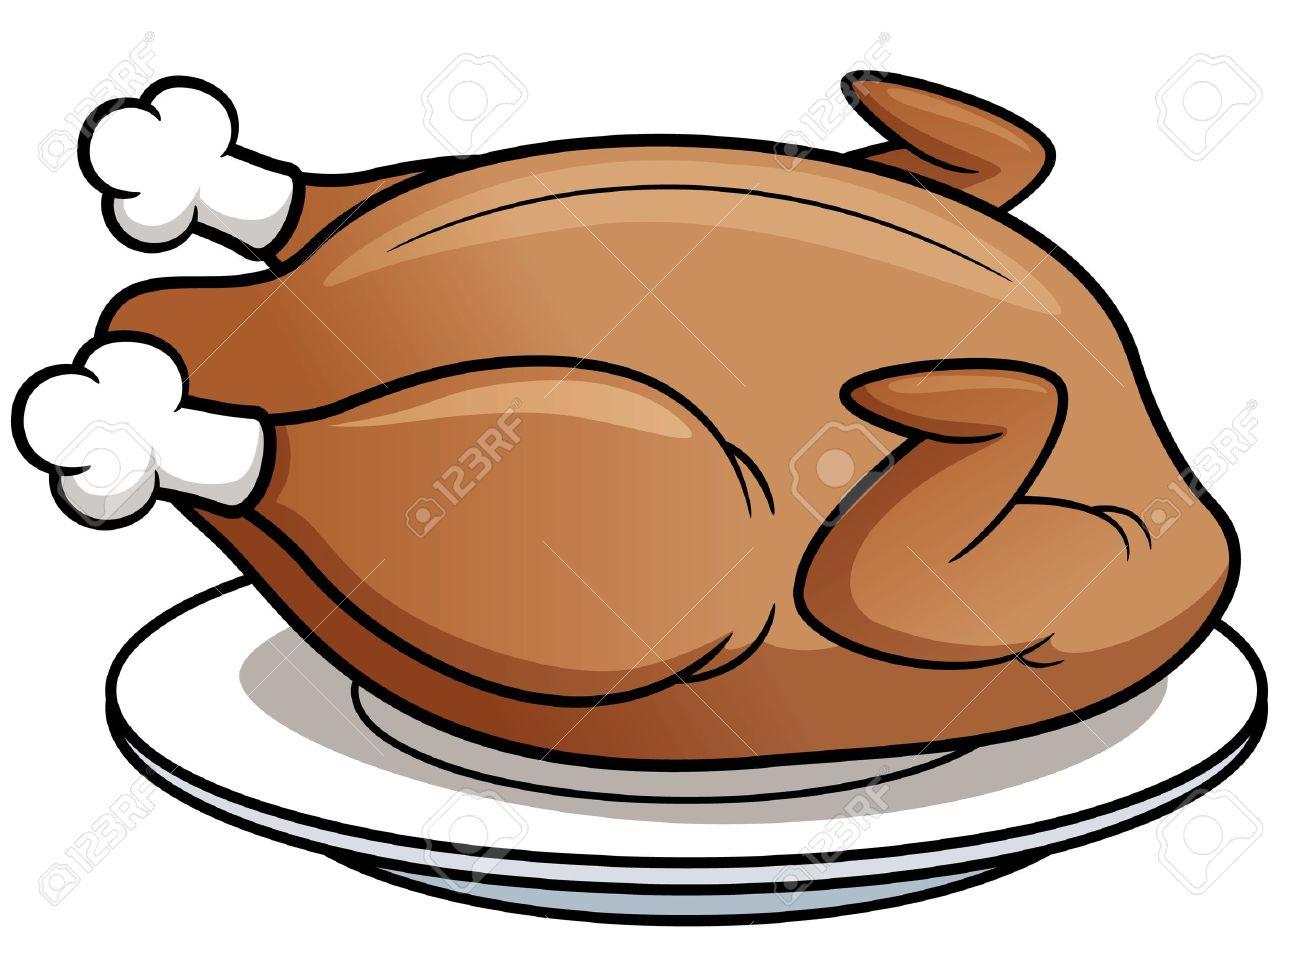 Vector illustration of roast chicken.